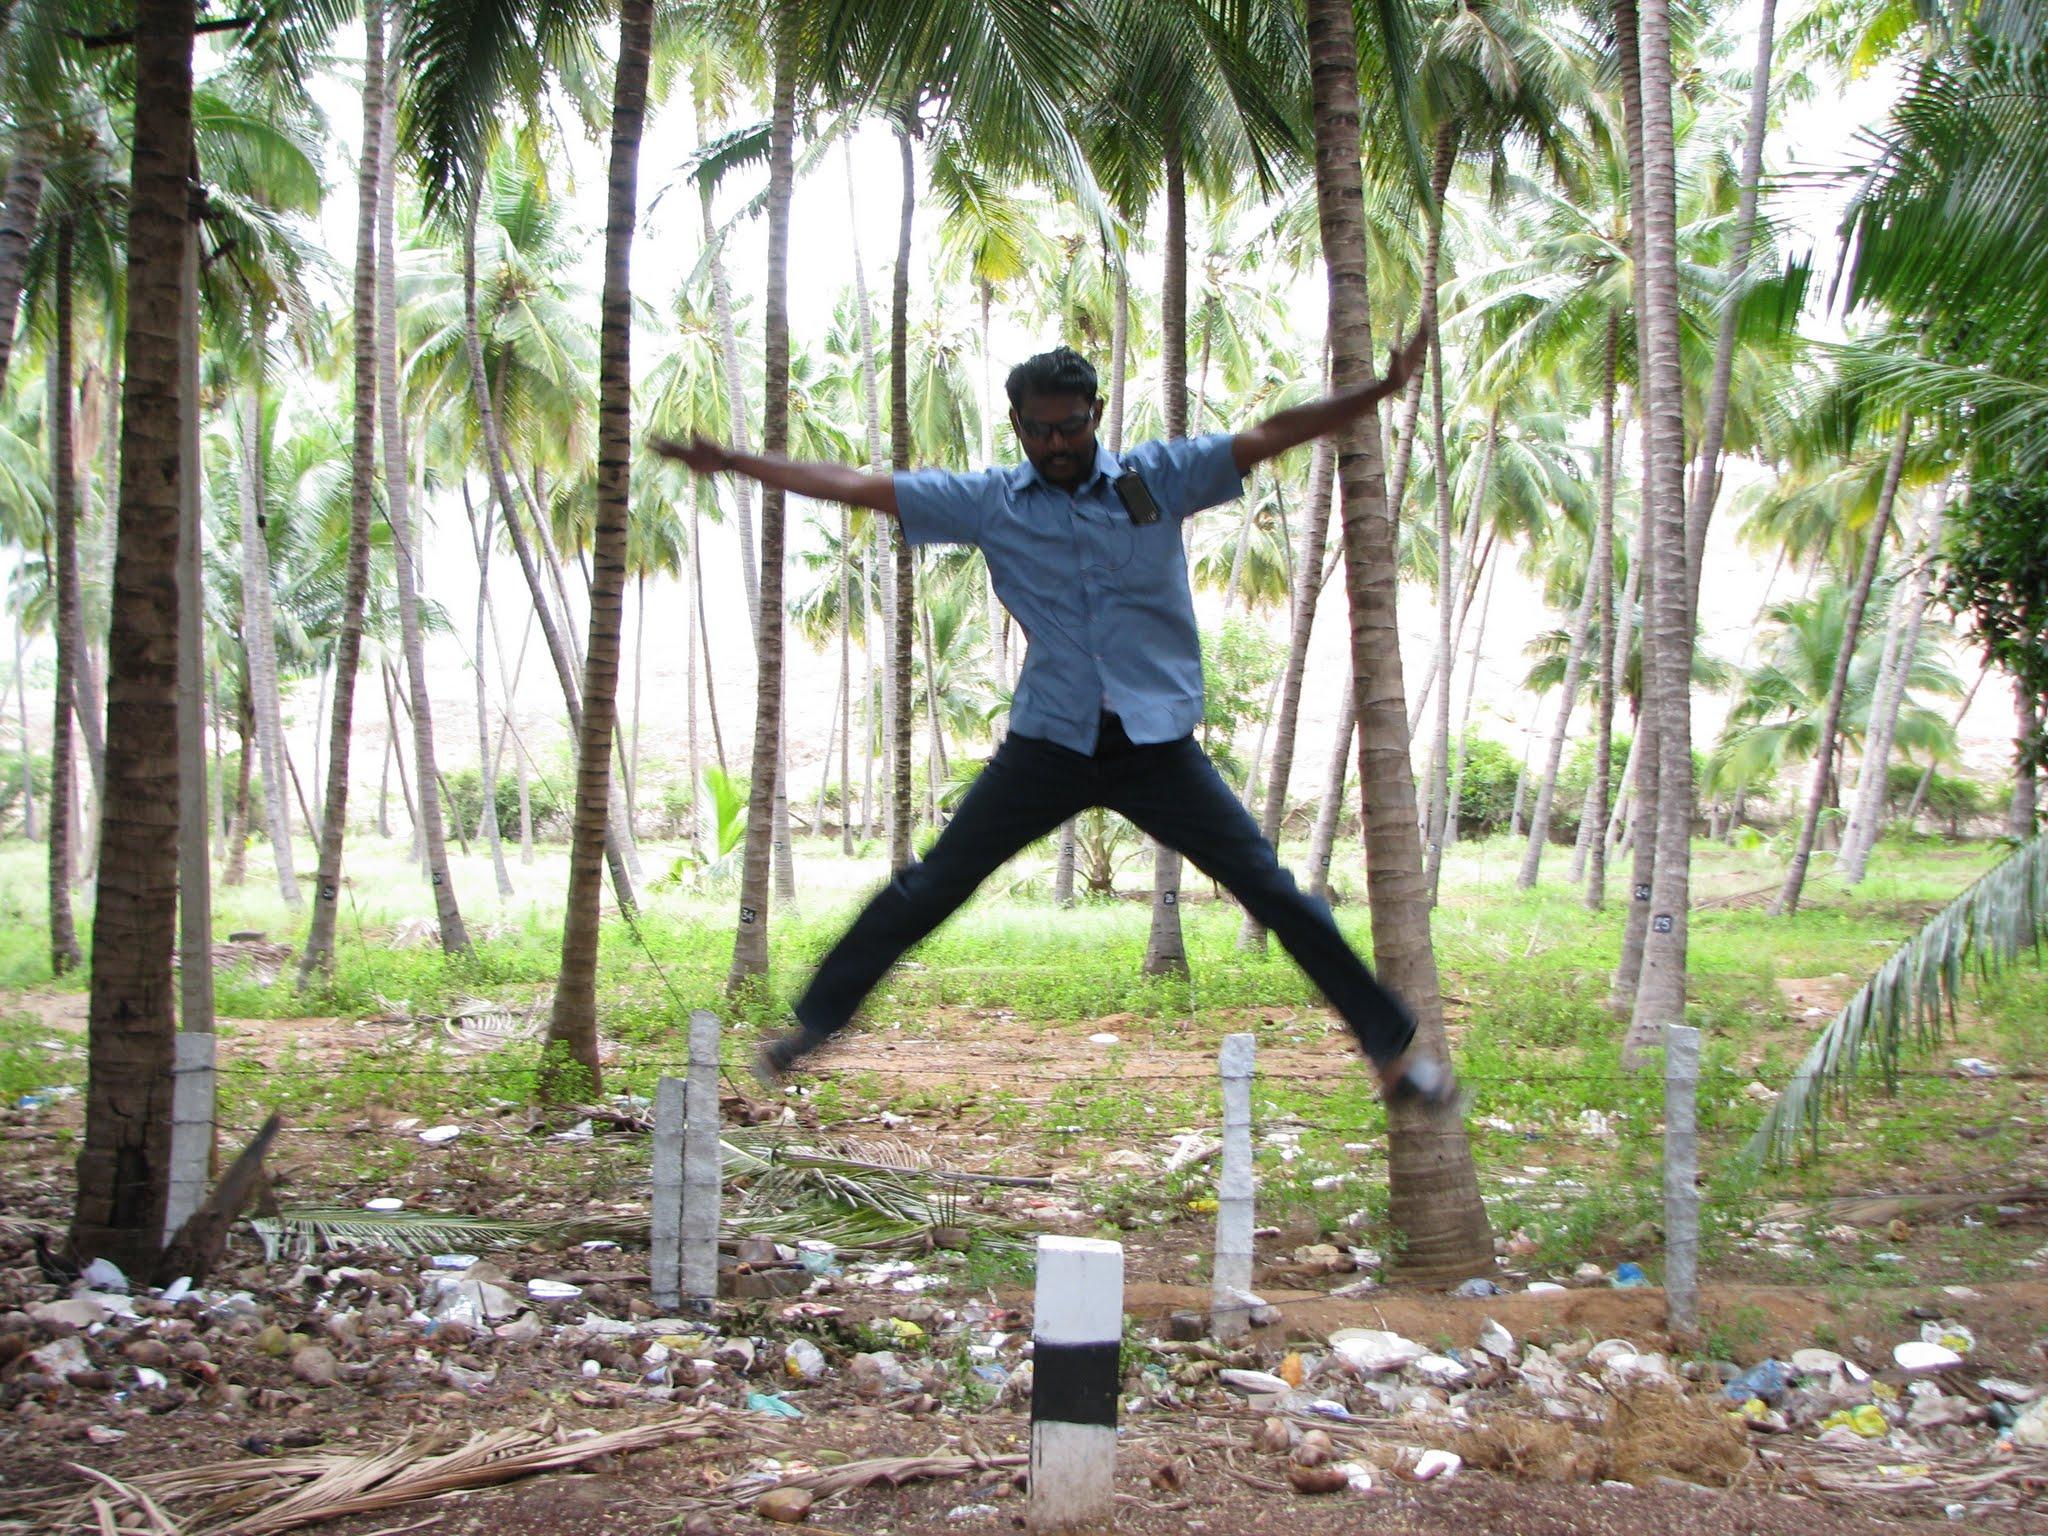 Photo: I'm feeling jumpy